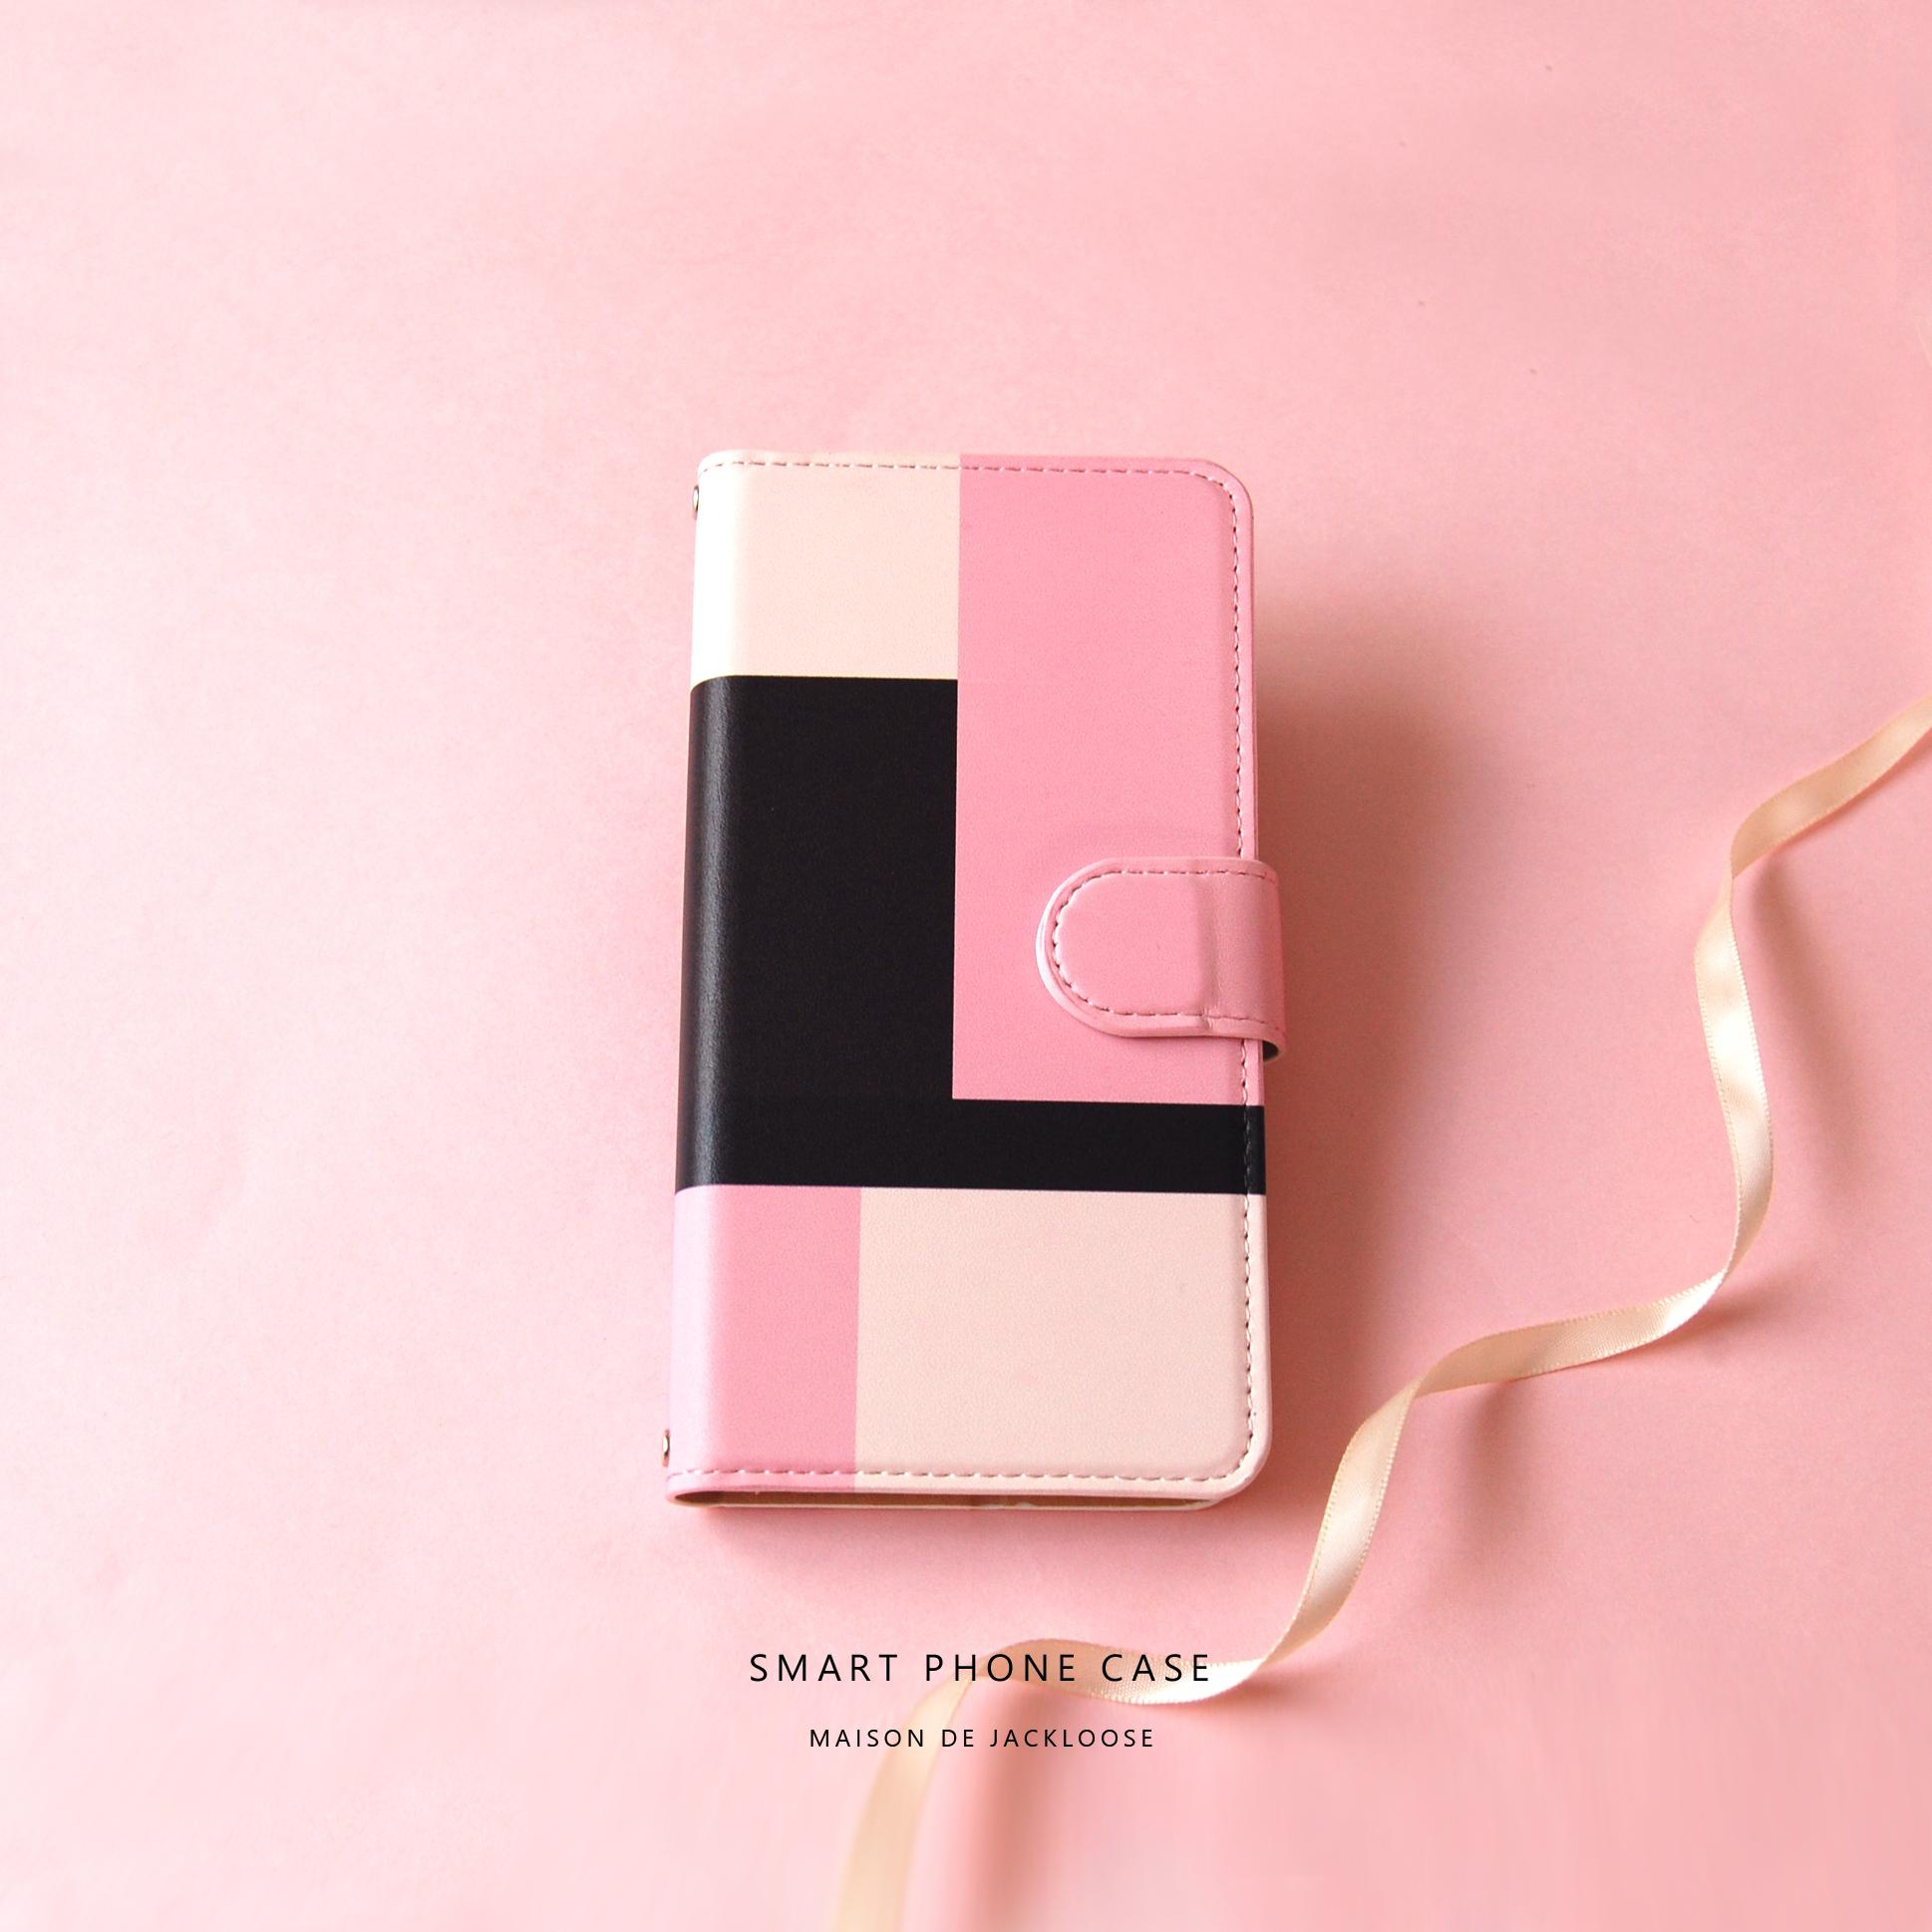 【スマホケース手帳型】上品なトリコロールピンク・モンドリアン調 シンプルデザイン・iPhone Xperia AQUOS Galaxy etc ほぼ全機種対応